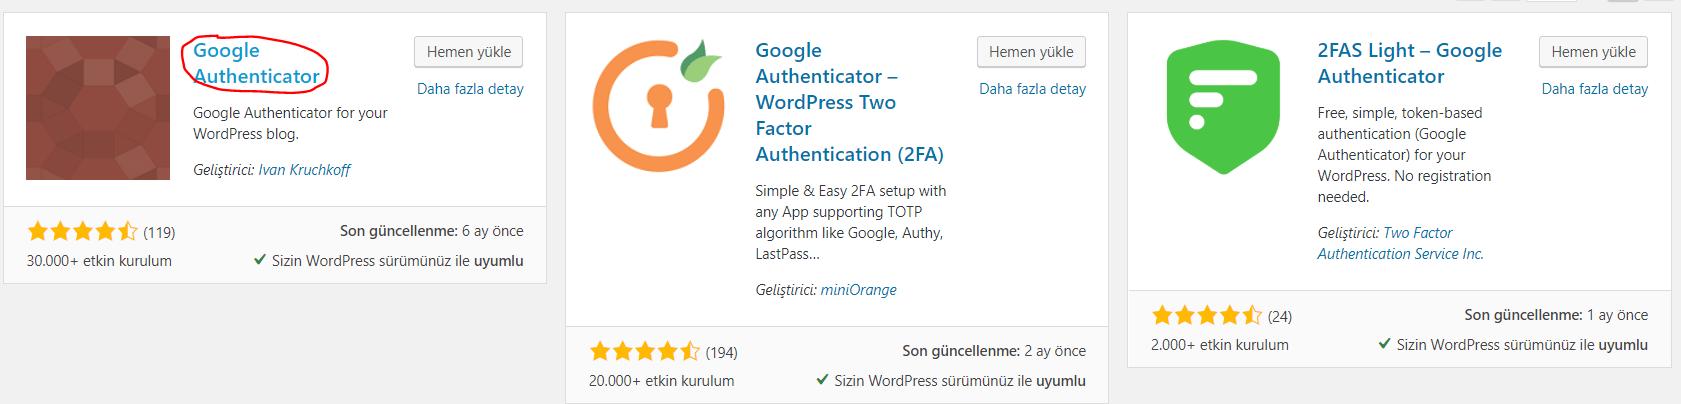 Google Authenticator Eklentisi ile İki Adımlı Doğrulama